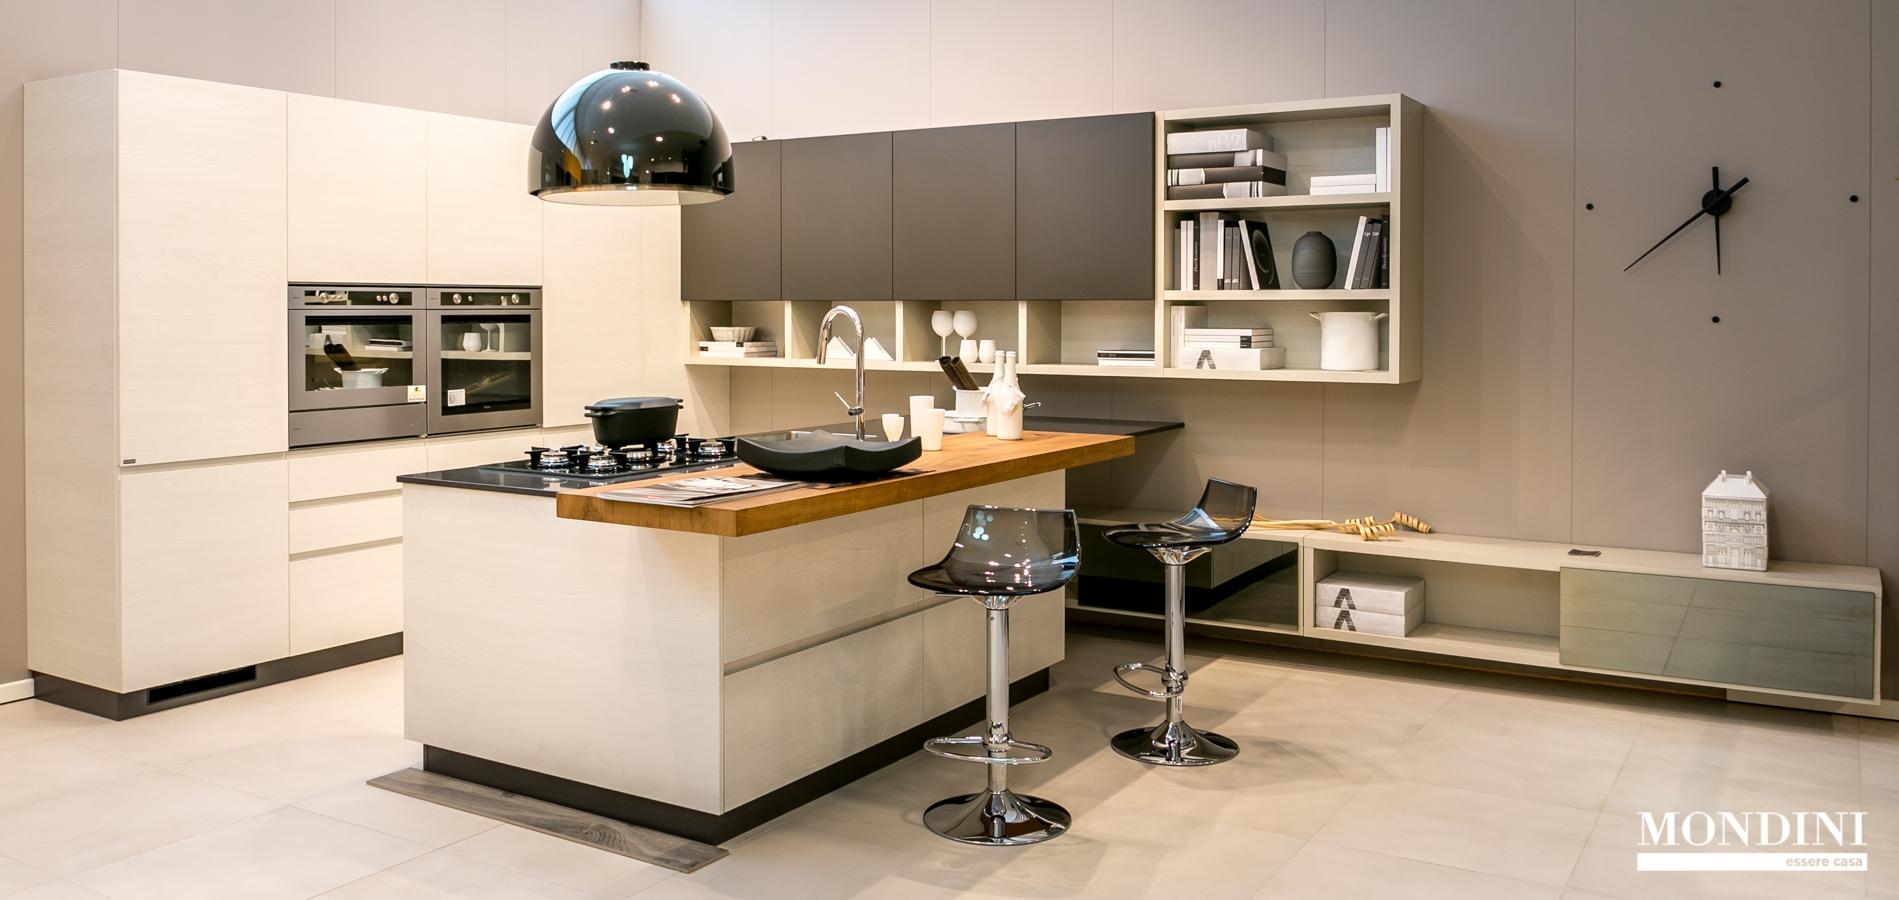 Cucina con isola scavolini modello motus scontata del 41 - Cucina rustica con isola ...